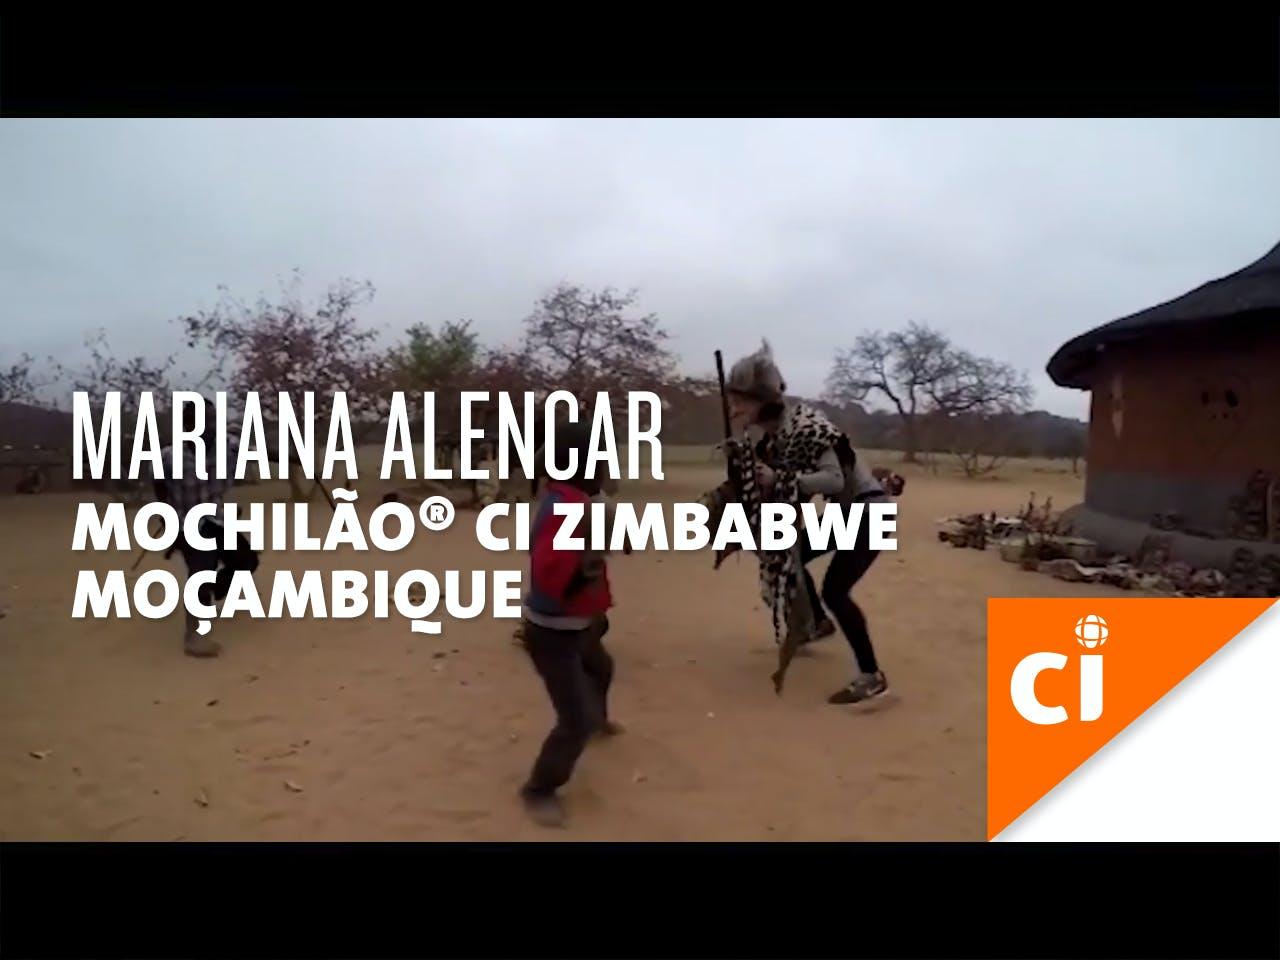 Mariana Alencar | #ViajanteCI